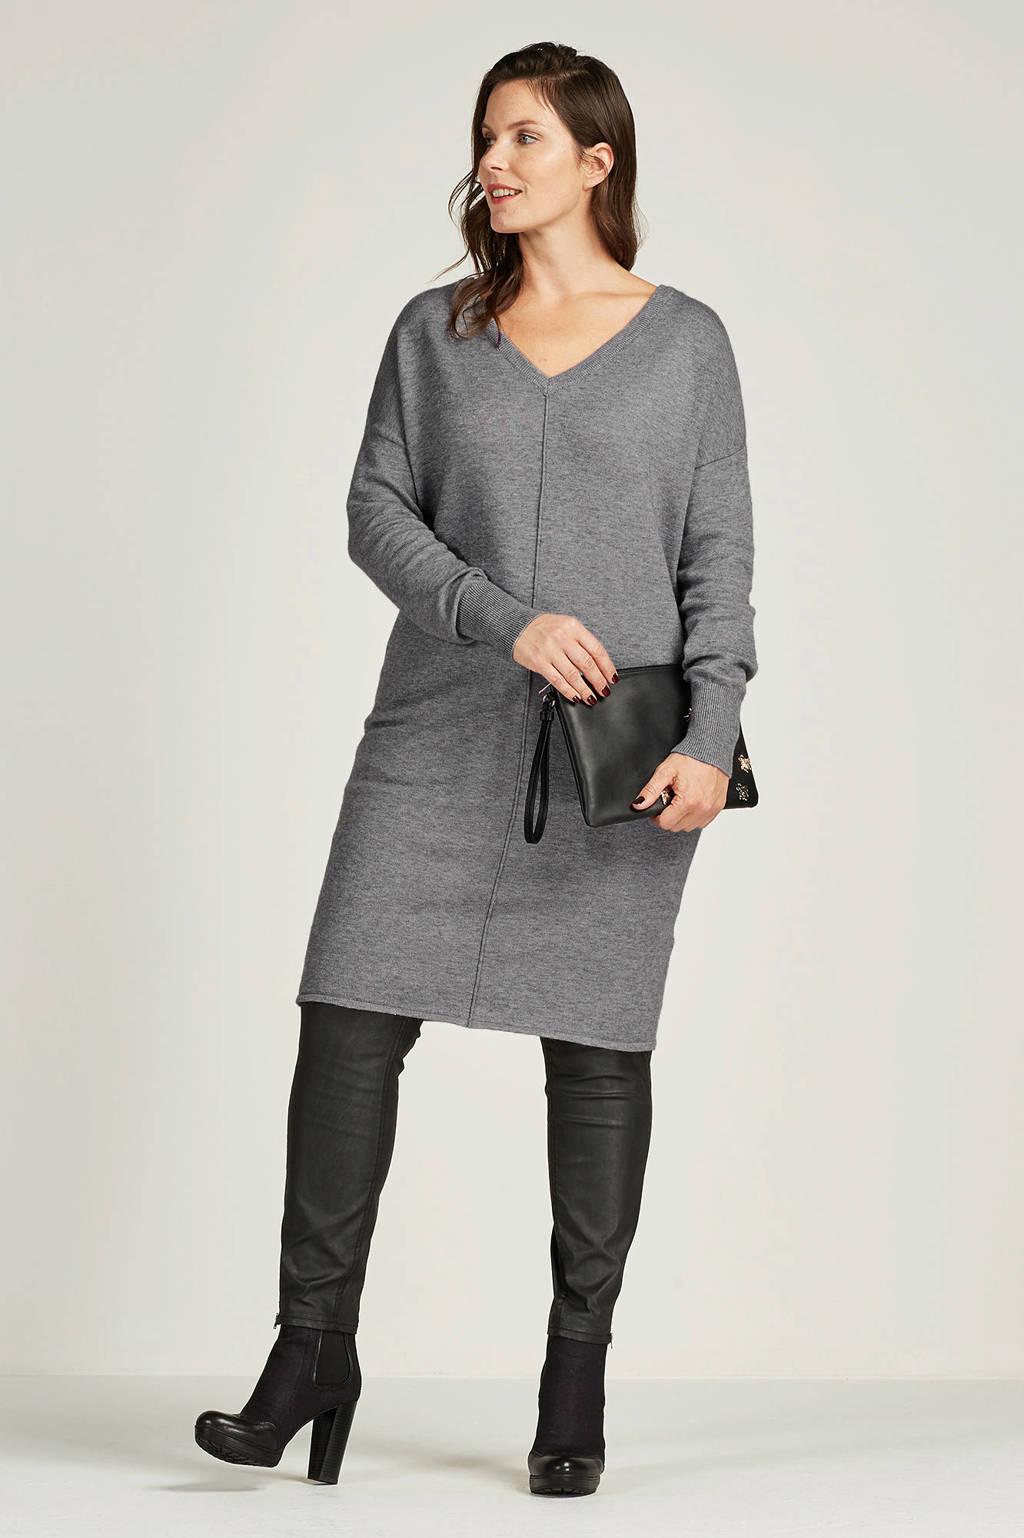 Lange Sweater Trui.Lange Sweater Dames Beautiful De Grootste Keuze Aan Mode En Trends